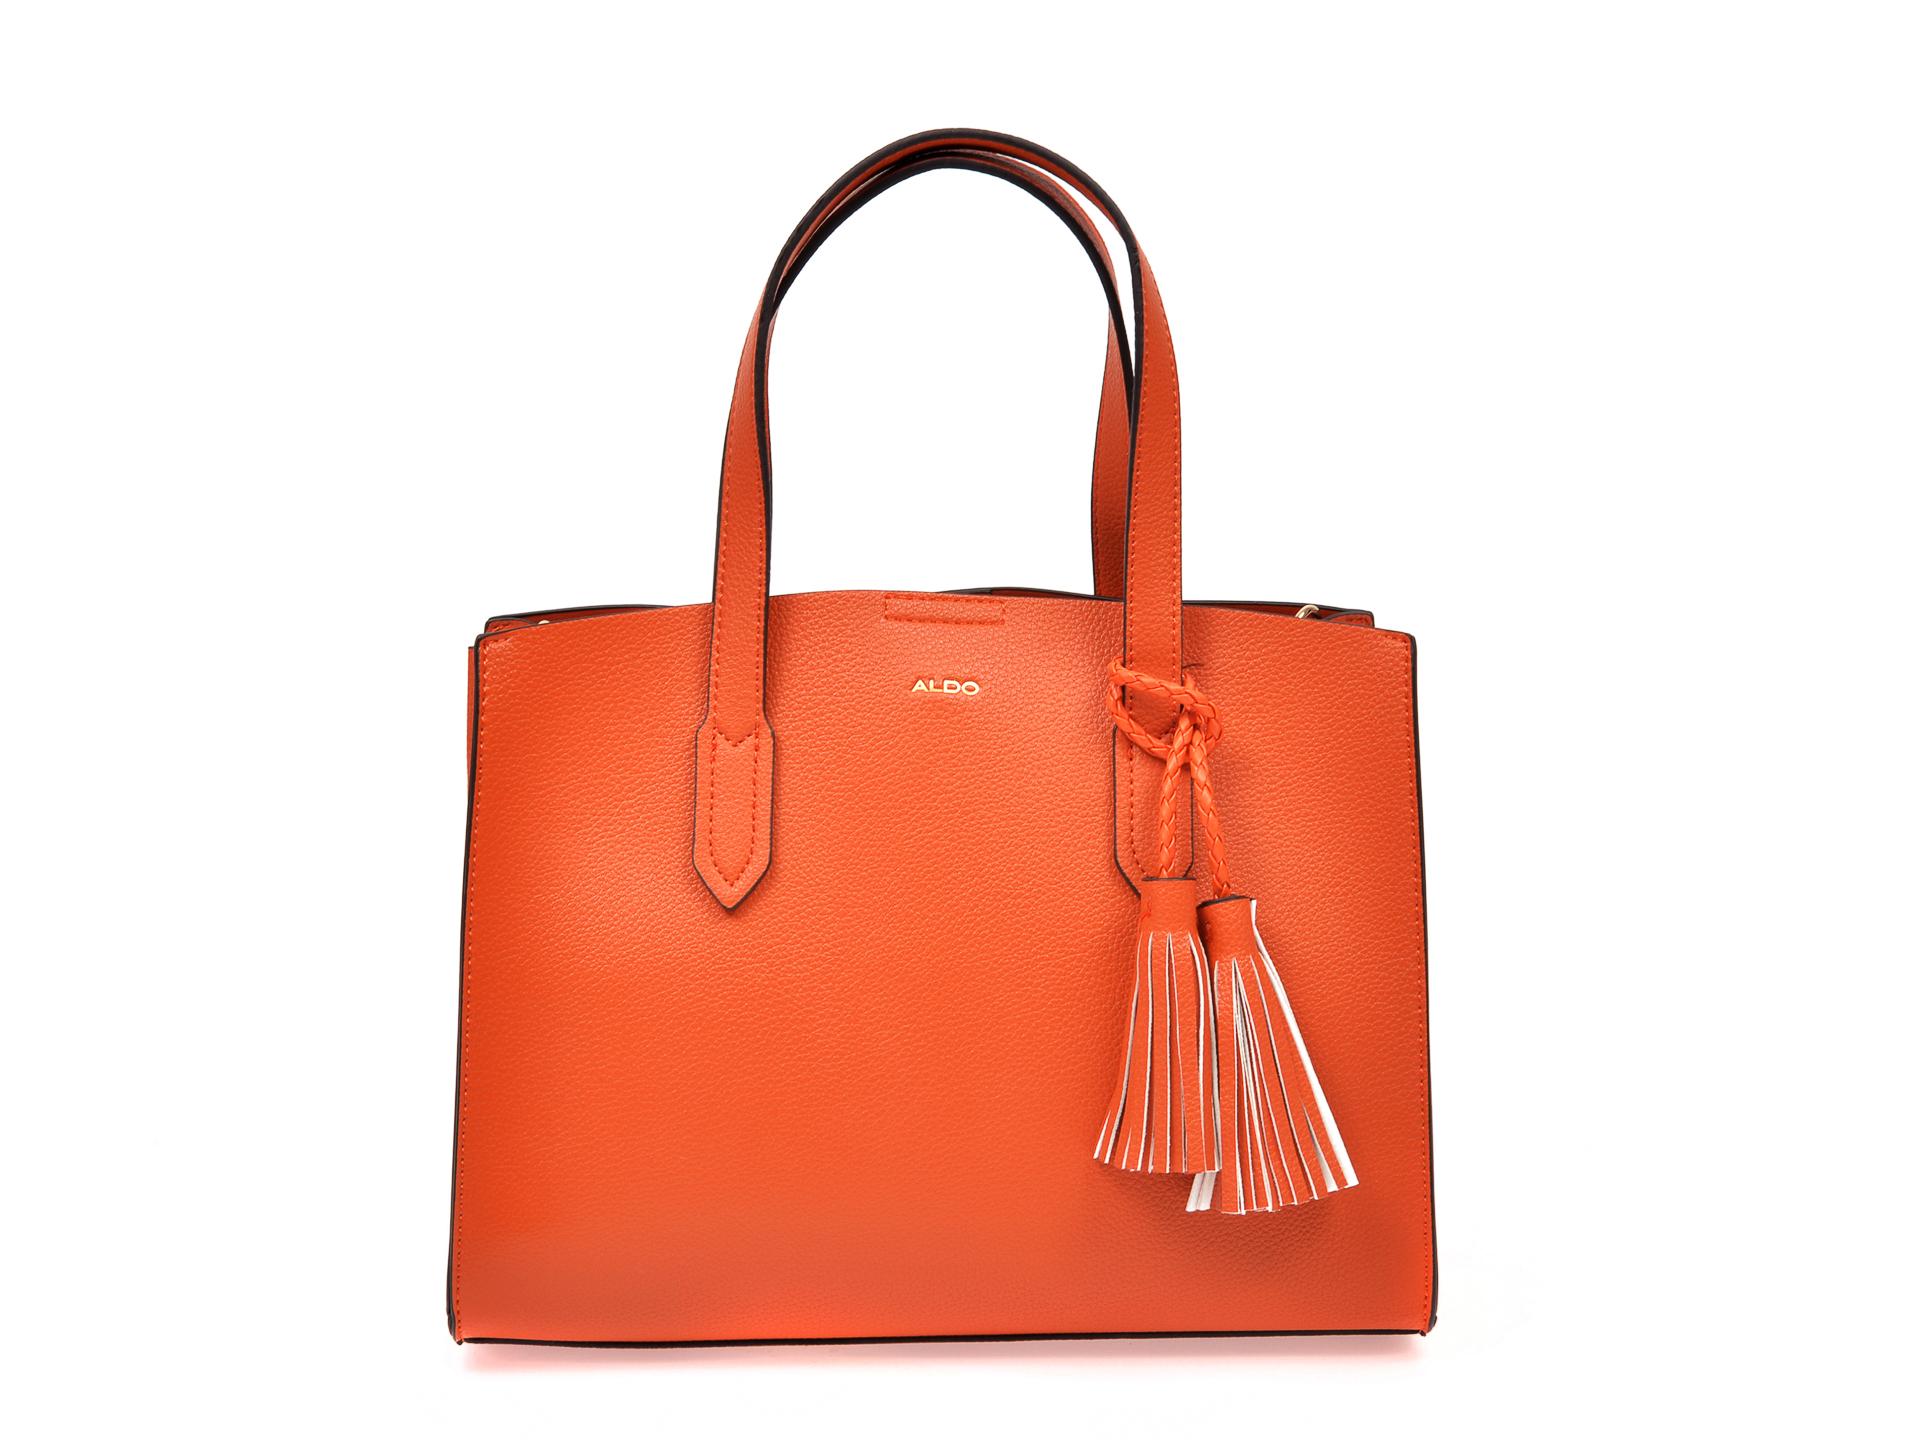 Poseta ALDO portocalie, Achilliea801, din piele ecologica imagine